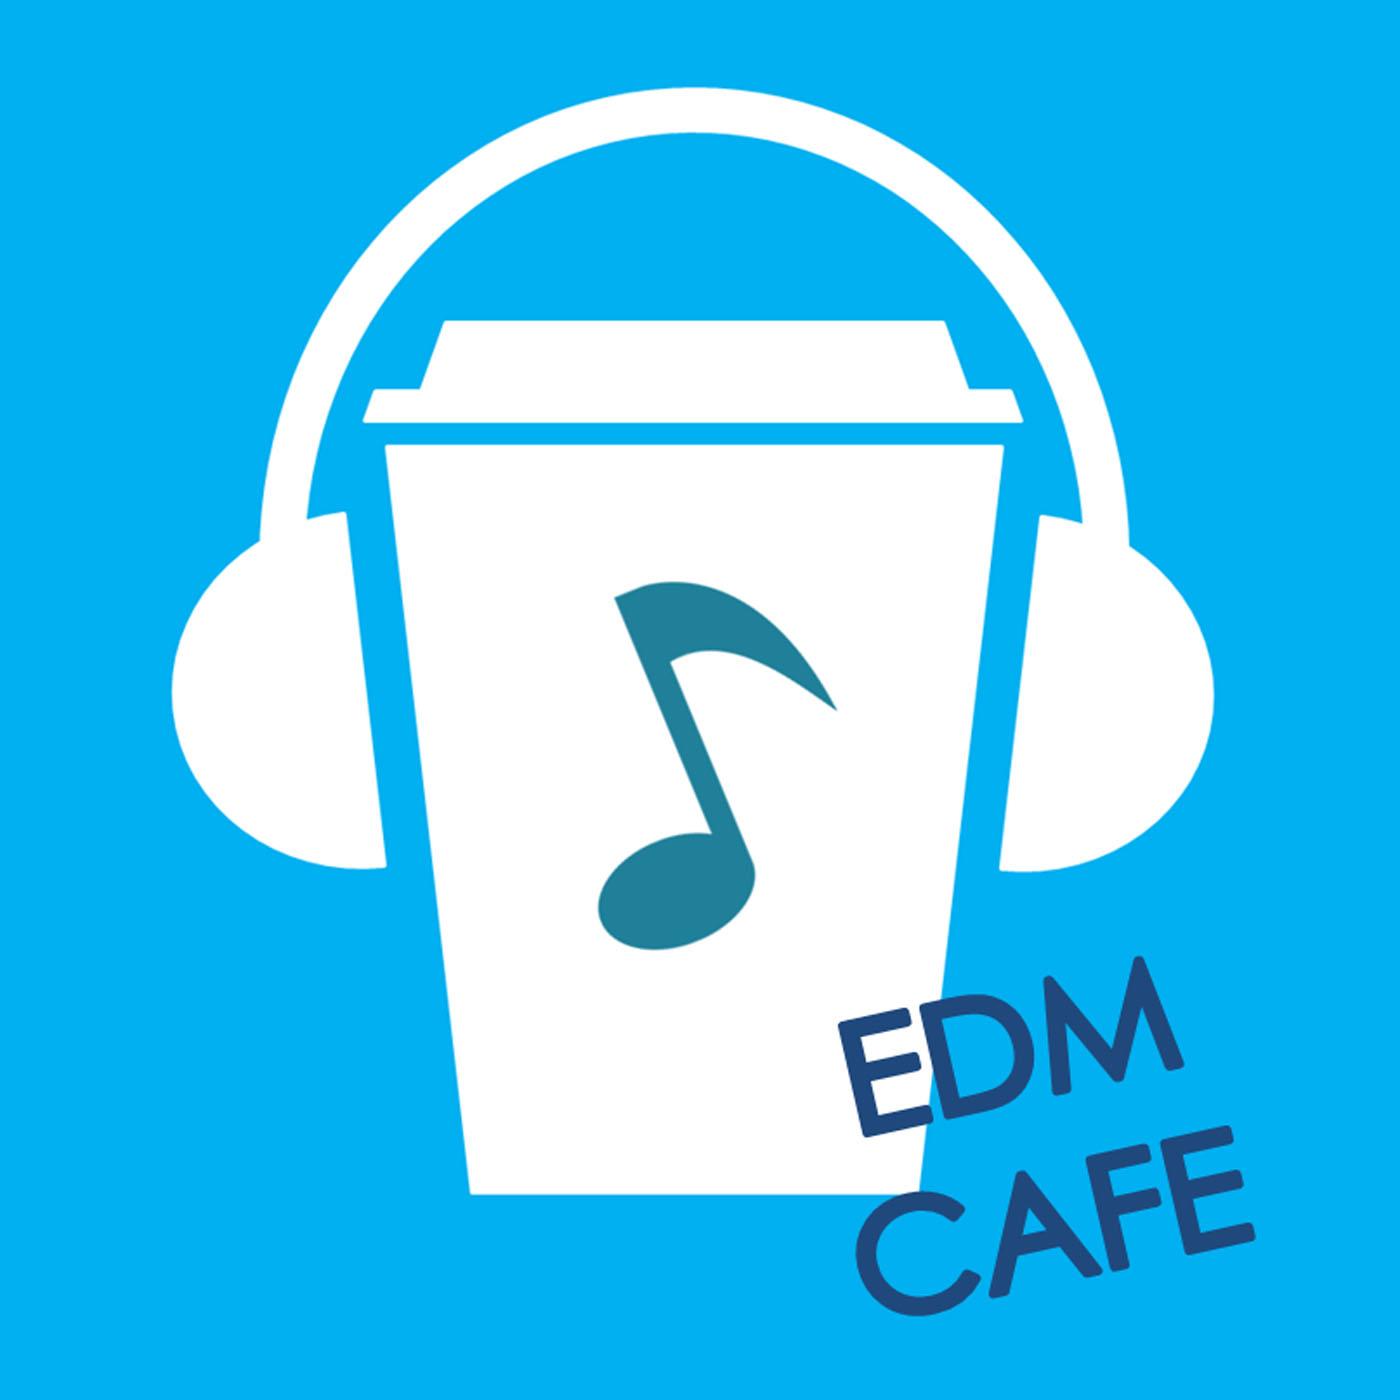 만곡쌤의 EDM CAFE